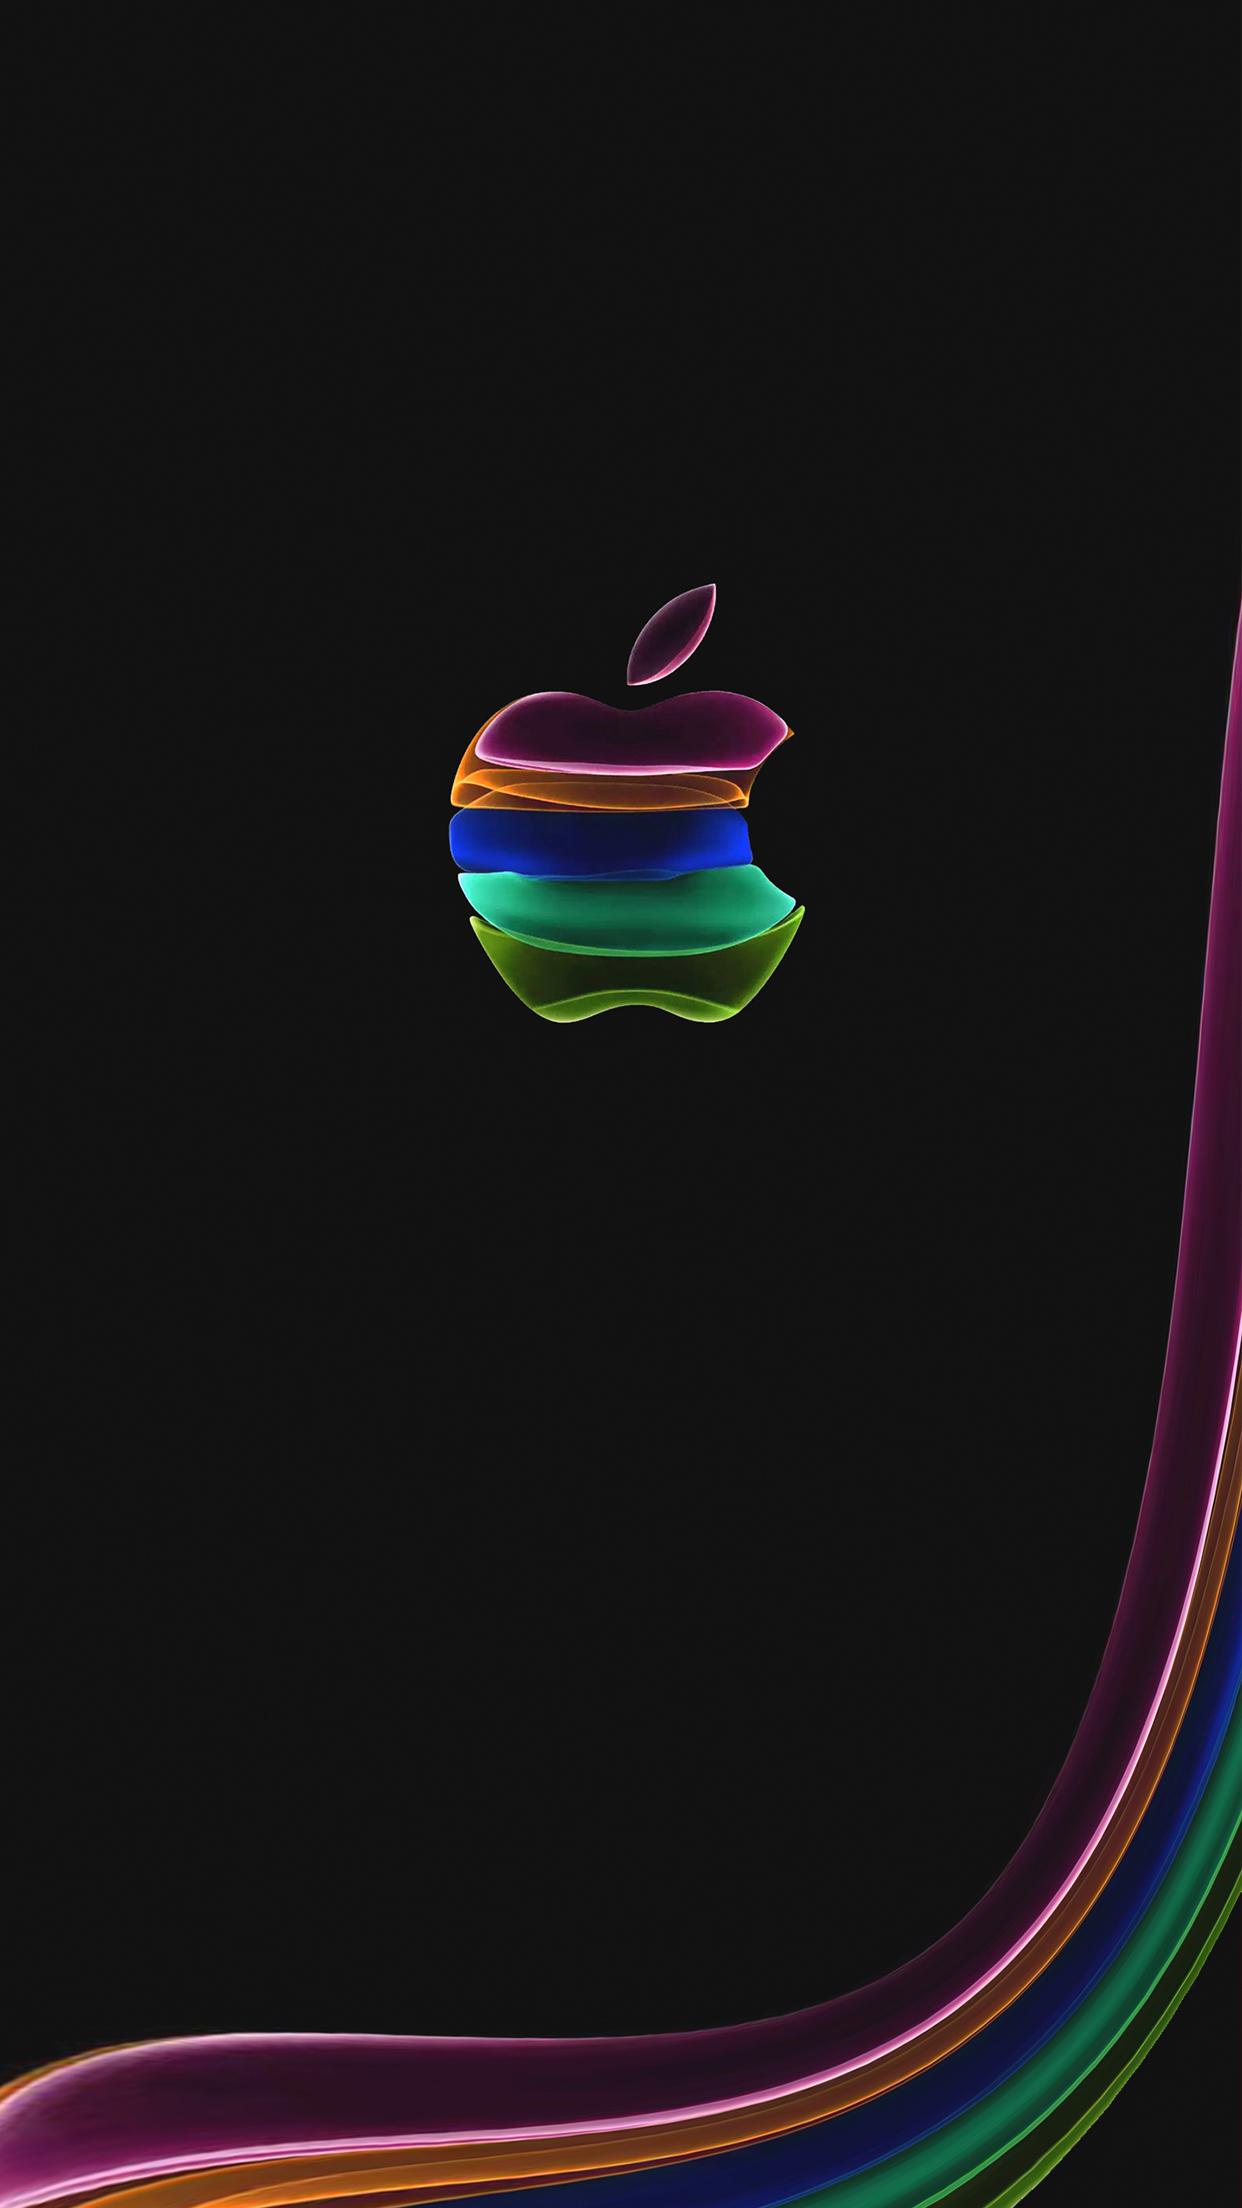 苹果iPhone未到壁纸先袭:iPhone 11邀请函壁纸下载